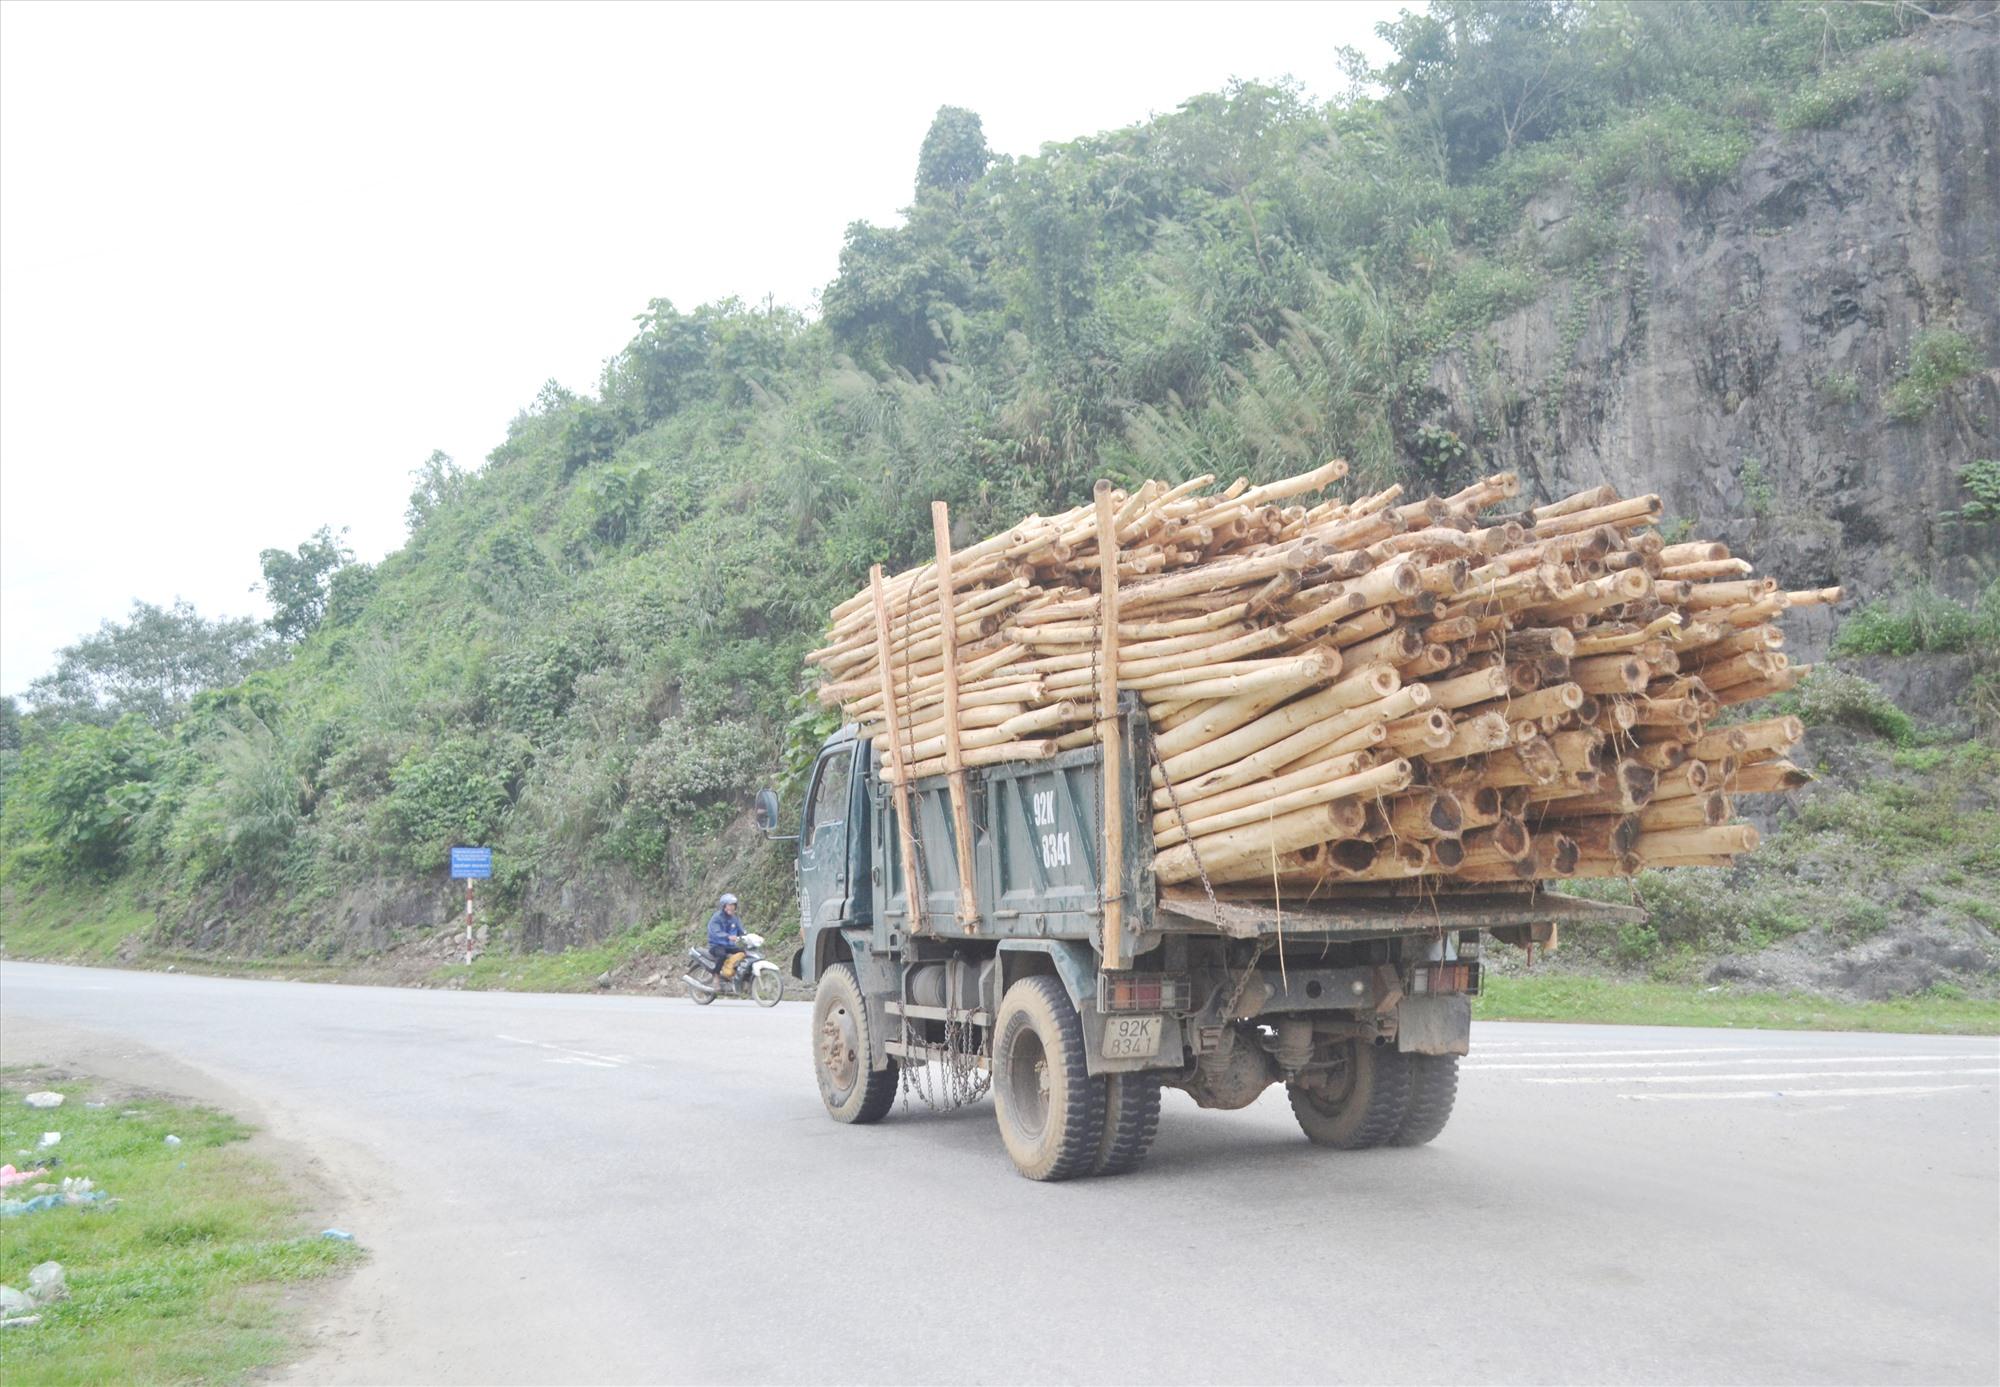 Xe tải chở keo quá kích thước thành, thùng ngang nhiên chạy trên đường Hồ Chí Minh, đoạn qua xã Cà Dy (Nam Giang). Ảnh: K.K